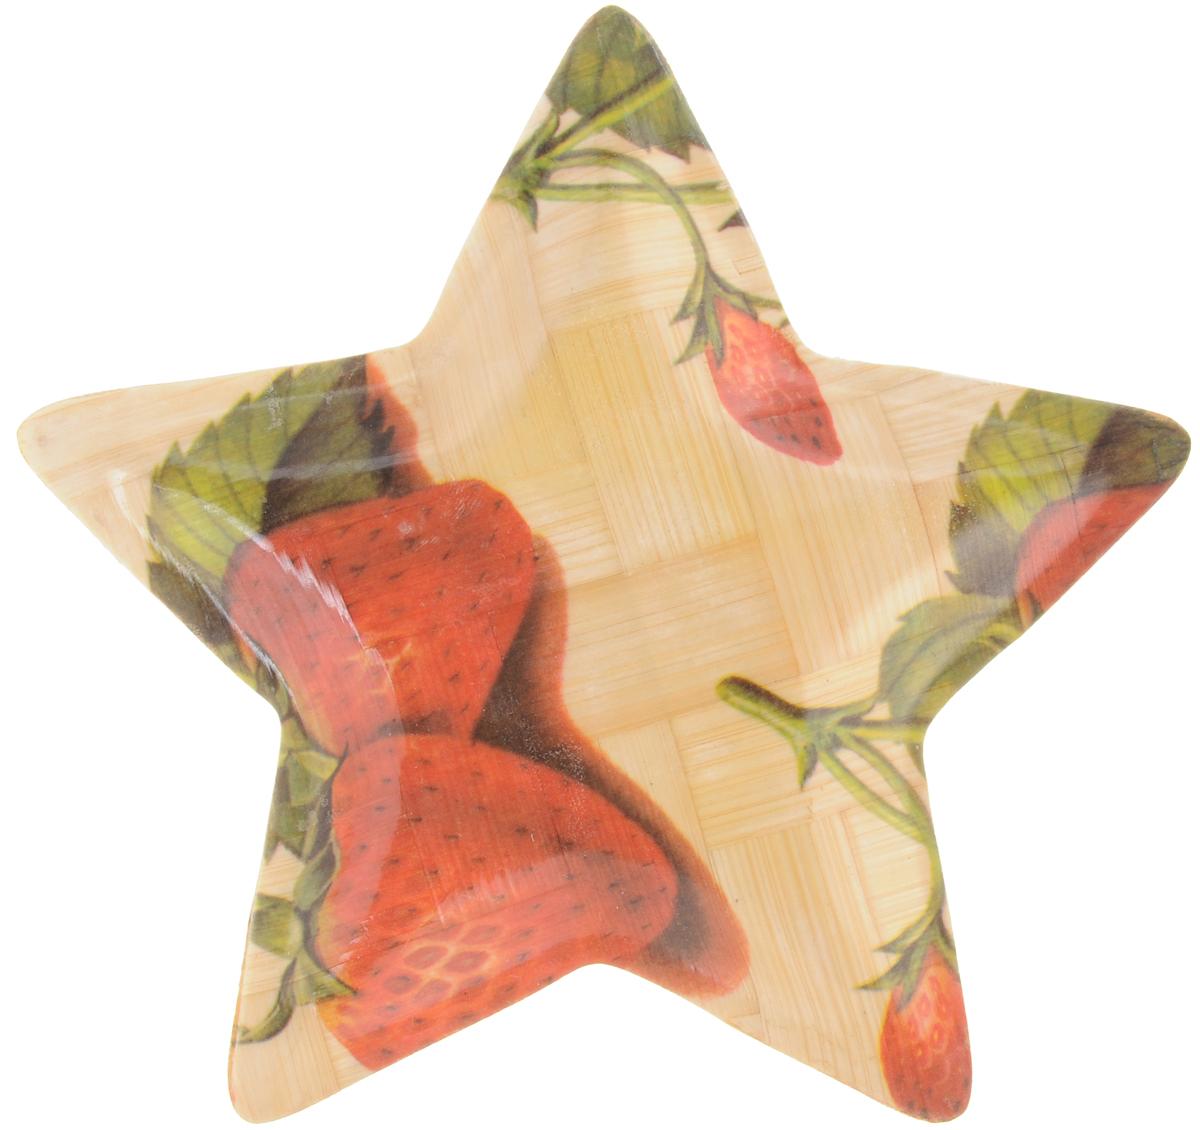 Тарелка Wanxie Звезда, цвет: бежевый, красный, зеленый, 13,5 x 13,5 x 1 смWH-701S_бежевый, красный, зеленыйТарелка Wanxie Звезда изготовлена из бамбука в виде звезды. Блюдо прекрасно подходит для того, чтобы подавать небольшие кусочки фруктов, ягоды и многое другое. Невероятно легкое, но в то же время крепкое и экологически чистое блюдо - незаменимый и очень полезный аксессуар на кухне, а благодаря нежной расцветке подойдет к любому интерьеру. Посуда из бамбука - интересное решение для создания эксклюзивных и стильных кухонных интерьеров. Бамбук экологичен и безопасен для здоровья, не боится влаги, устойчив к перепадам температуры. Несмотря на легкость и изящество, изделие прочно и долговечно. Посуда из бамбука проста в уходе и красива. Размер тарелки по верхнему краю: 13,5 х 13,5 см.